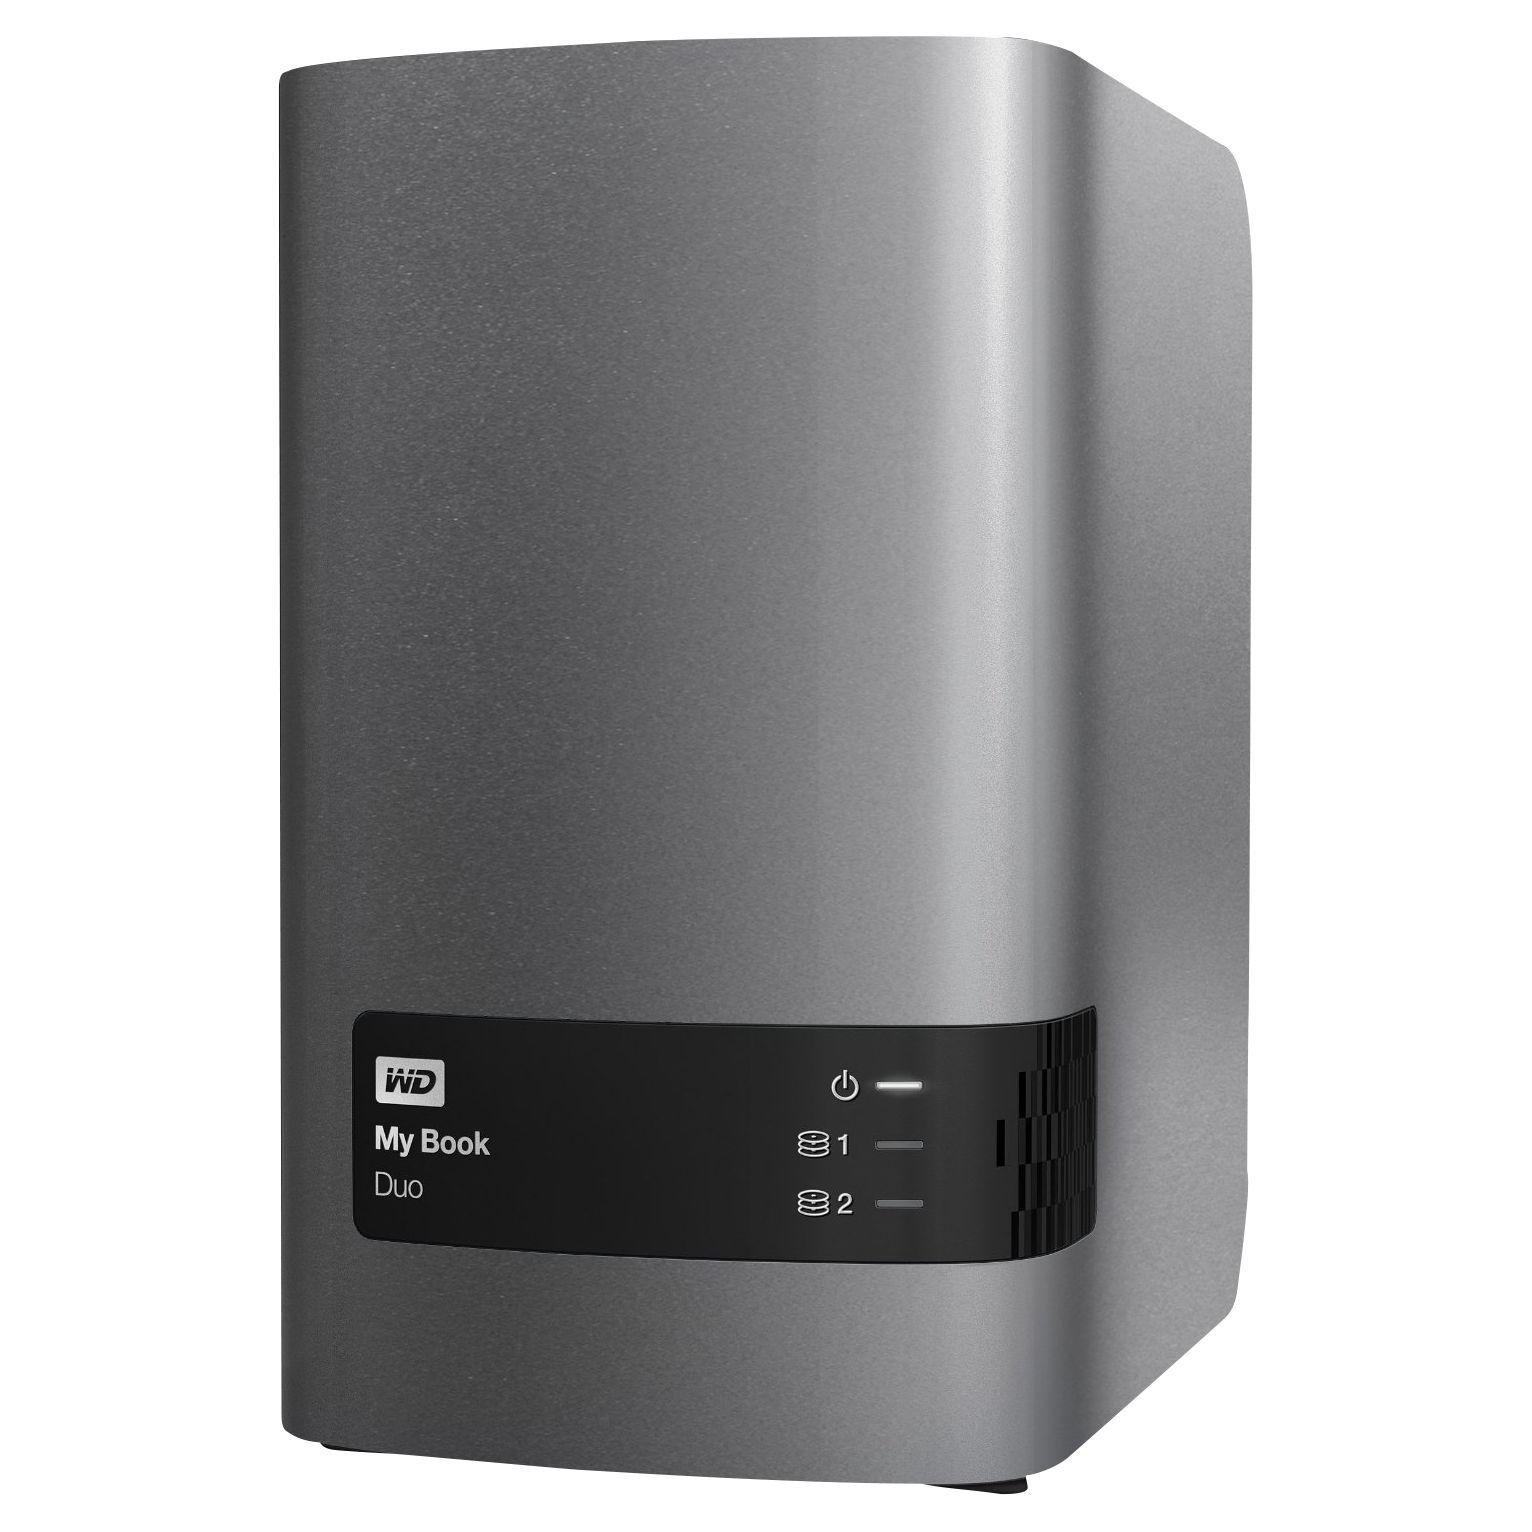 WD WD My Book Duo Desktop Hard Drive, USB 3.0, 6TB, Black